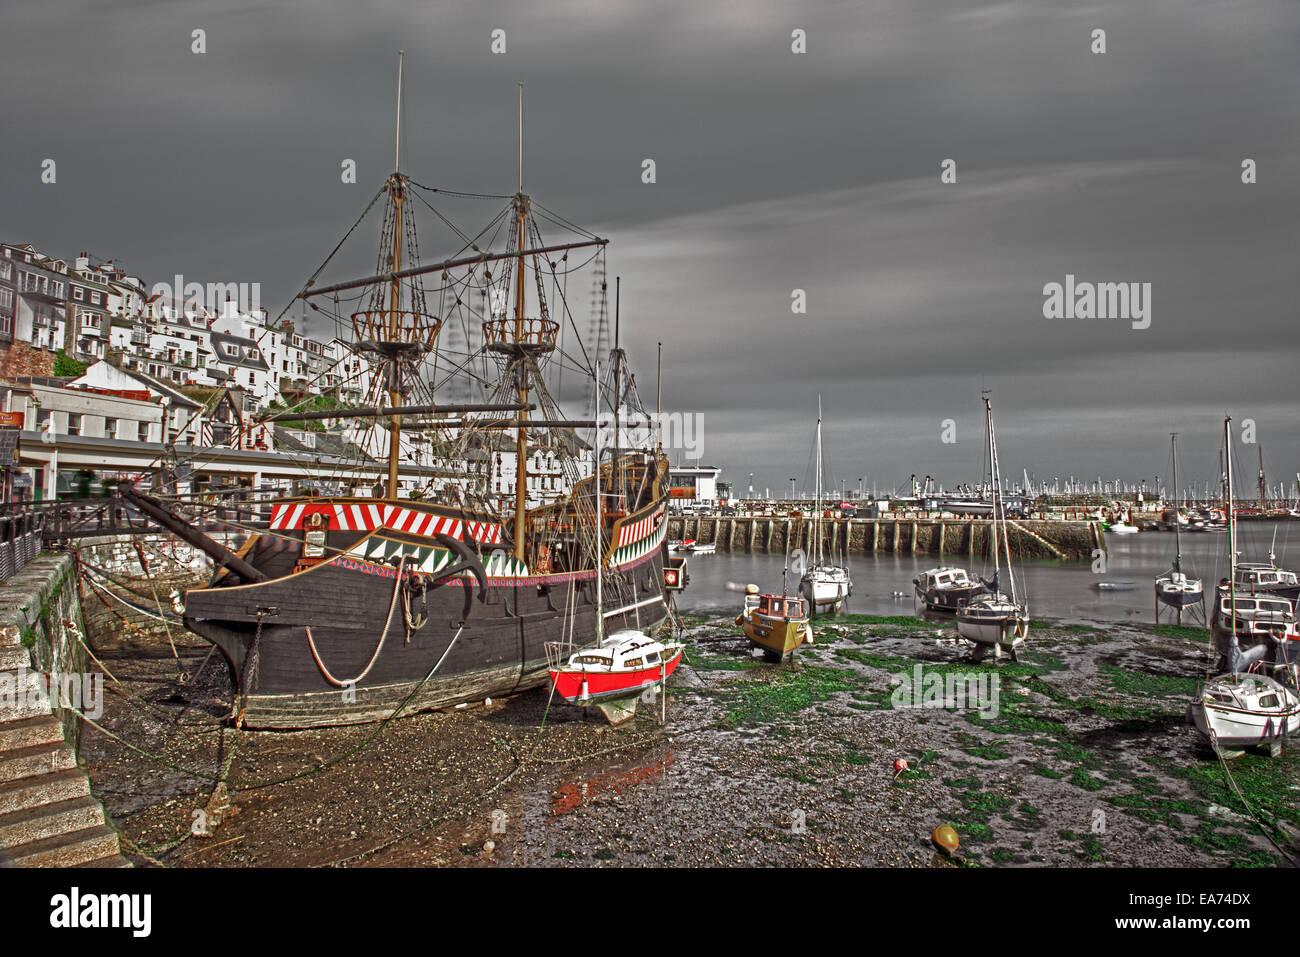 Golden Hind Schiff Replik und Angelboote/Fischerboote in leeren Hafen von Brixham, Torbay, Devon, England, UK. Stockbild